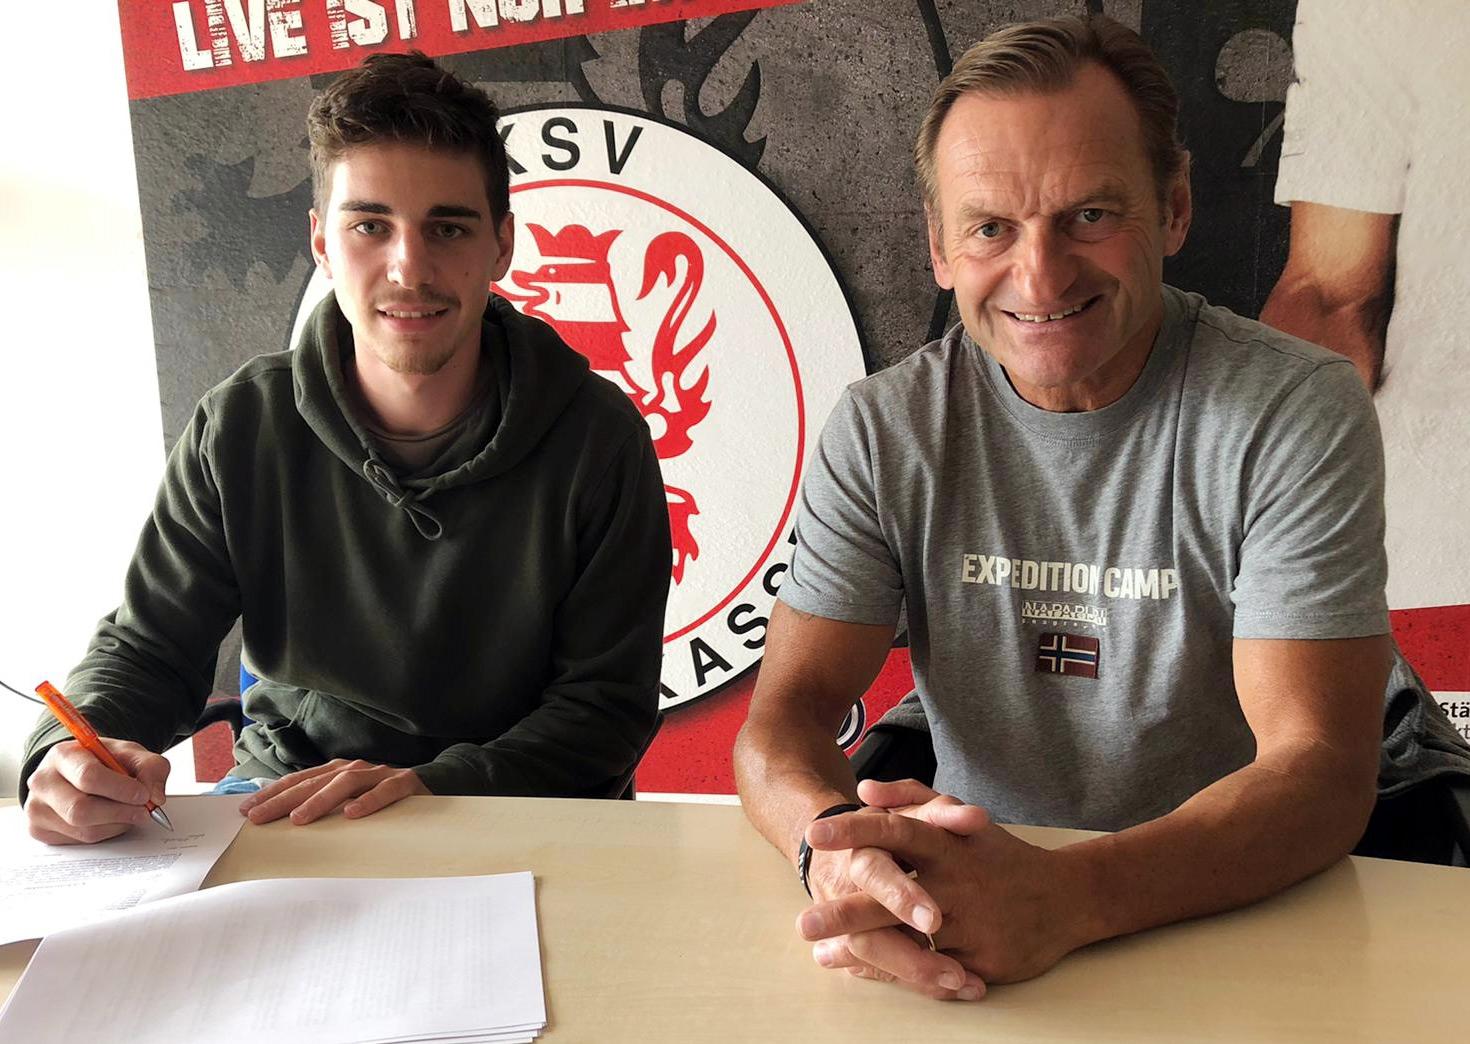 Luis Allmeroth (li.) bleibt ein Löwe. Im Bild bei der Vertragsunterzeichnung mit dem sportlichen Leiter Jörg Müller (re.).